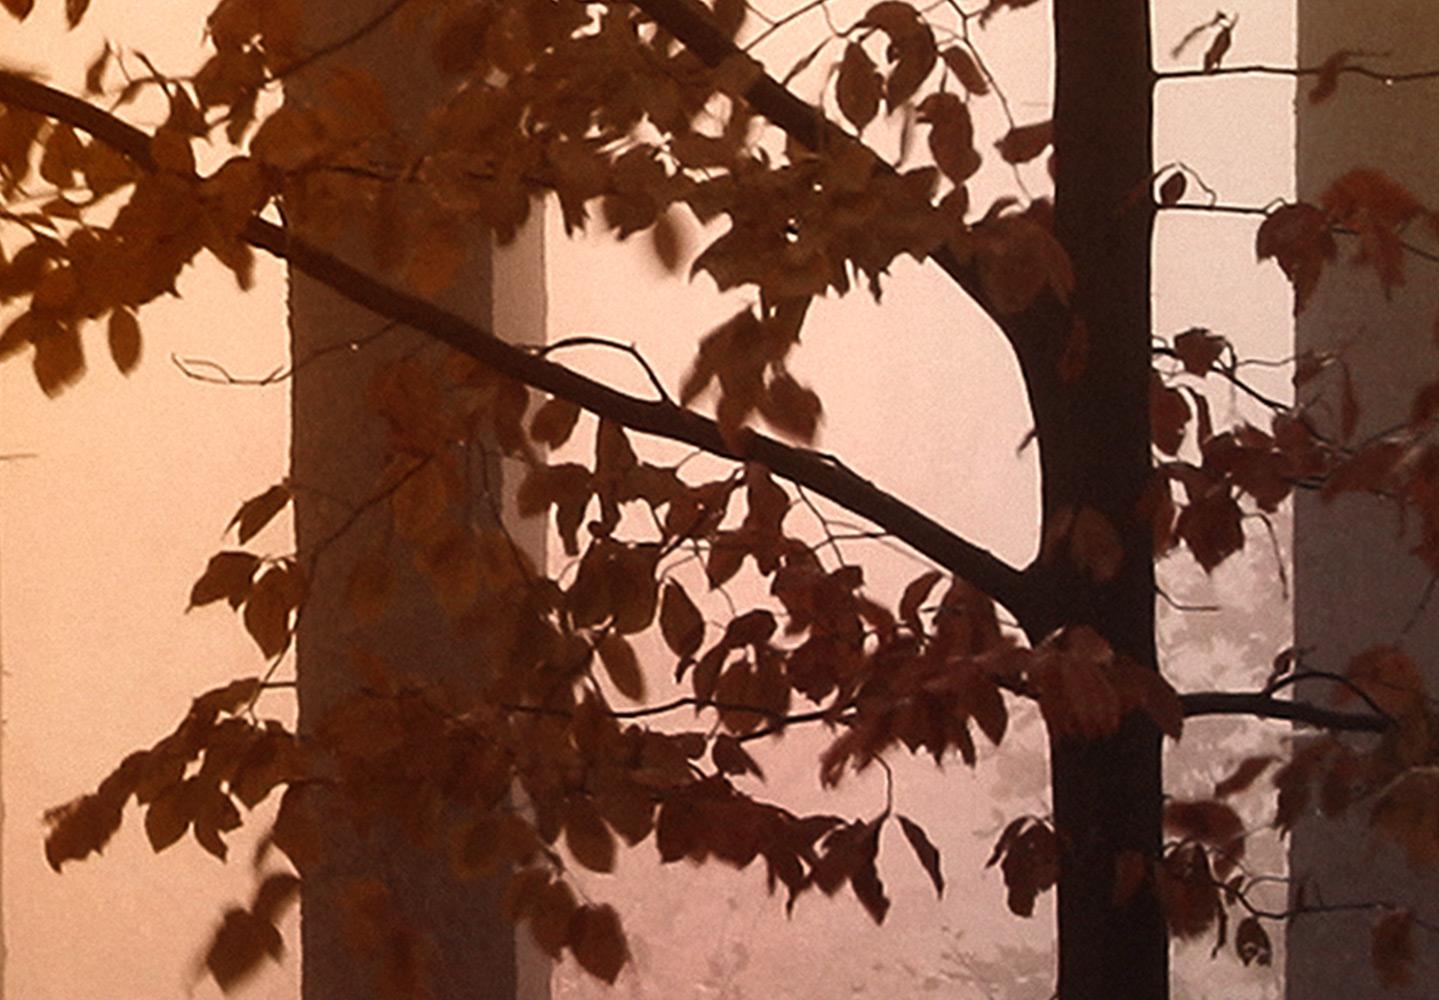 WALD TIERE HIRSCH BAUM NATUR Wandbilder xxl Bilder Vlies Leinwand c-C-0236-b-n